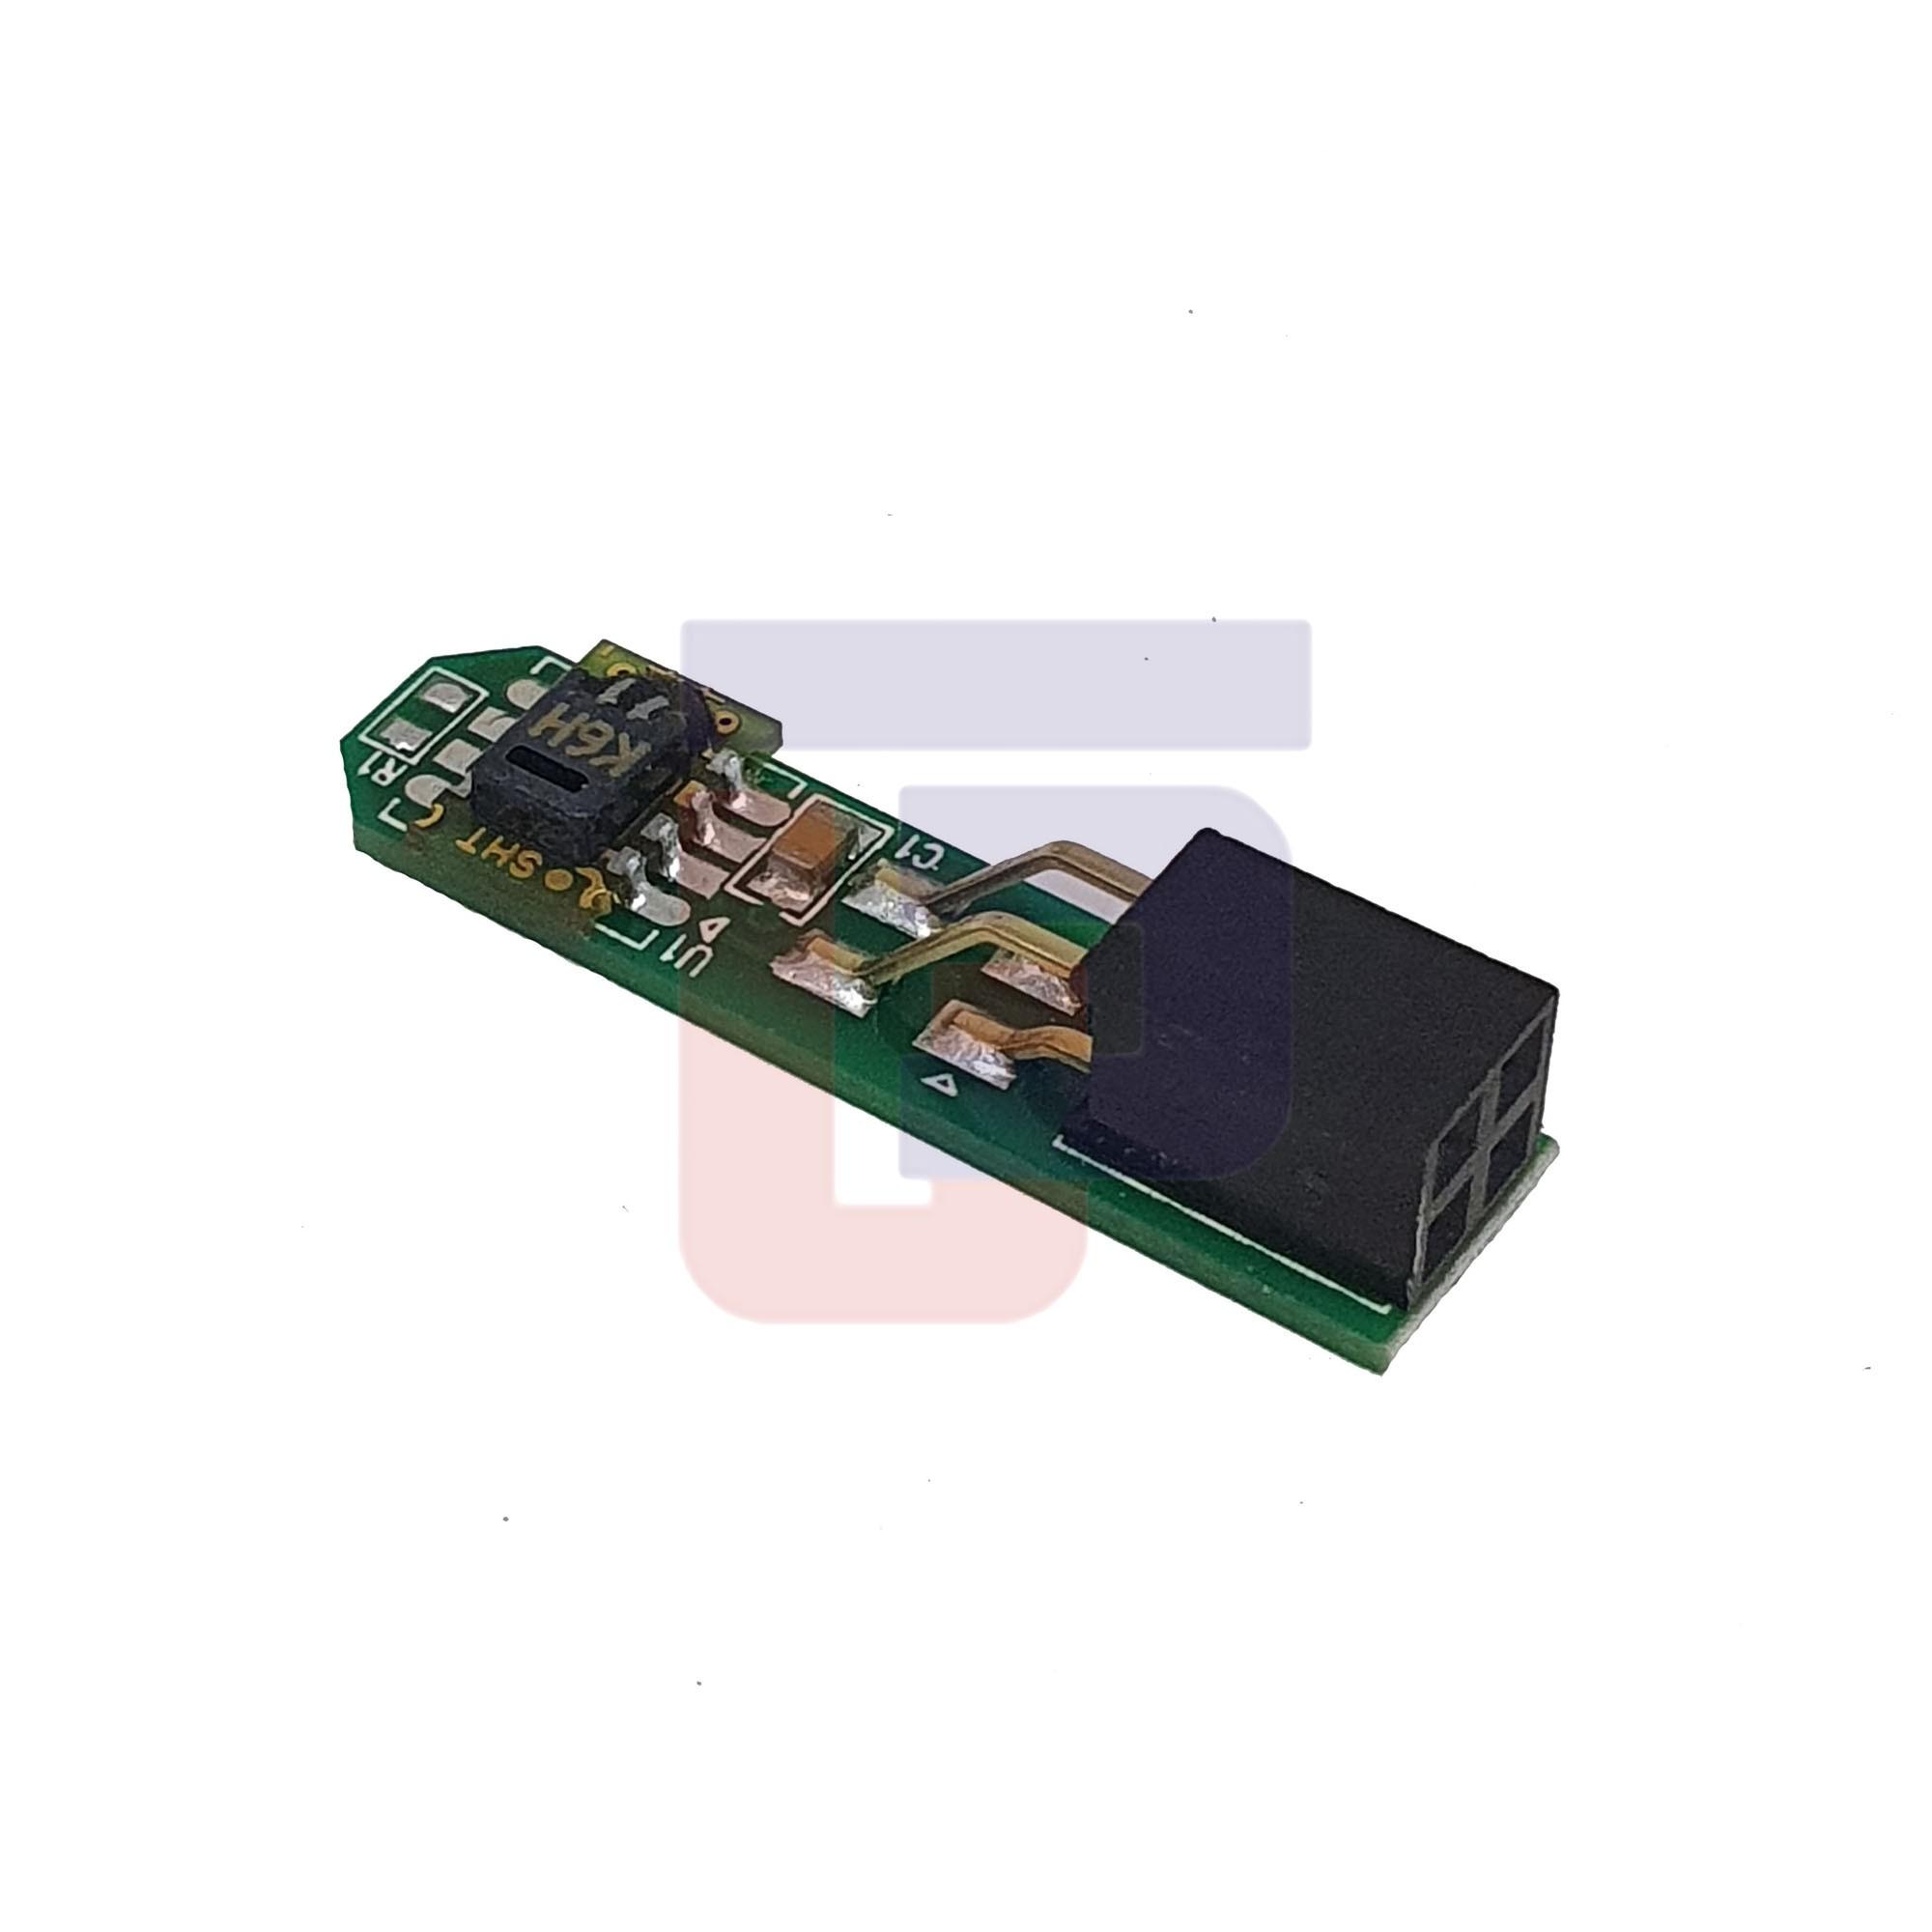 Placa de reposição para Sensor RHT Probe – Novus